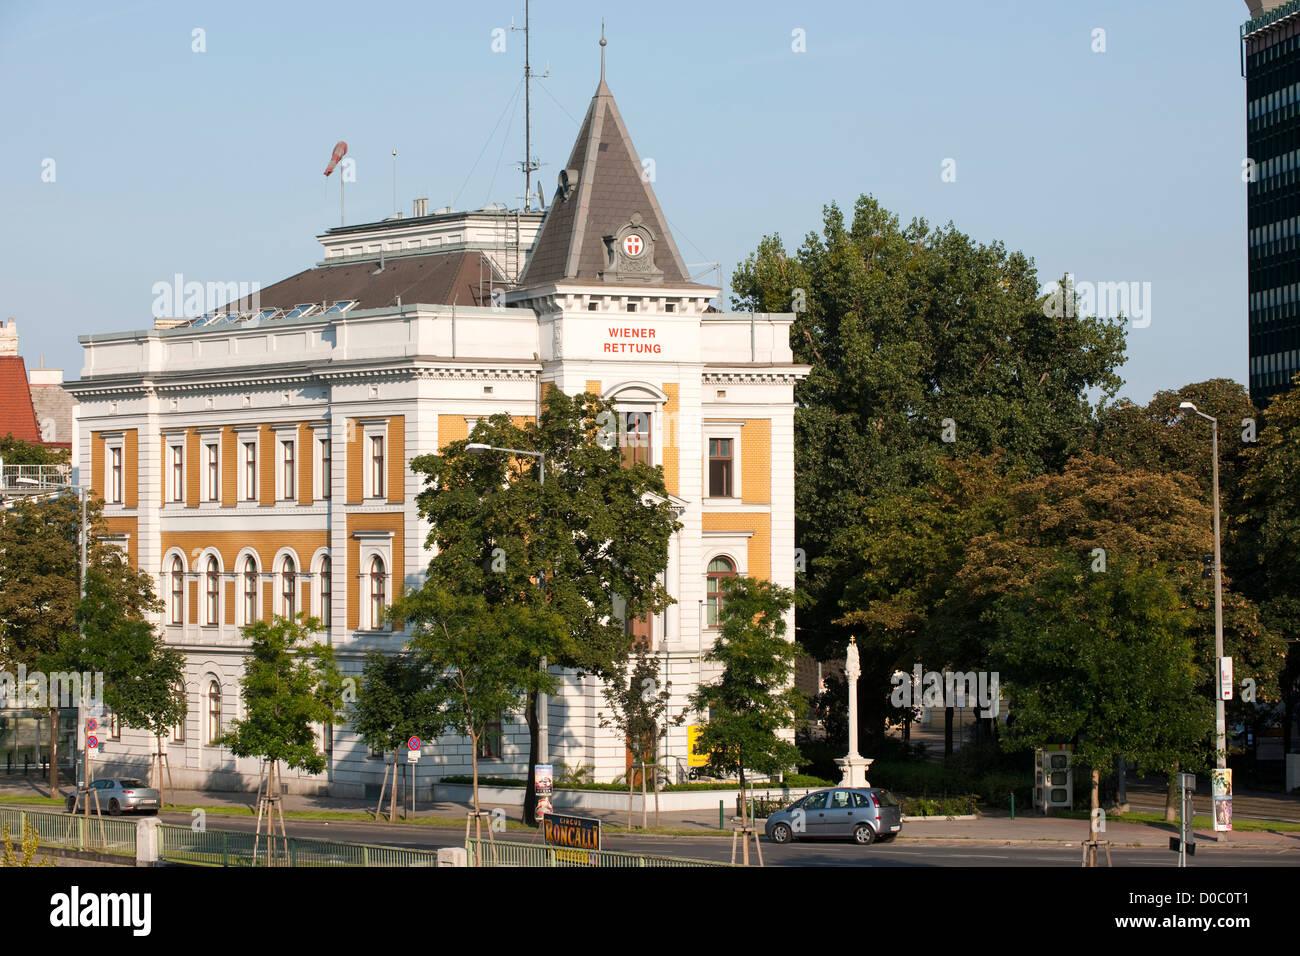 Österreich, Wien III, Radetzkystraße 1, Wiener Rettung - Zentrale, - Stock Image